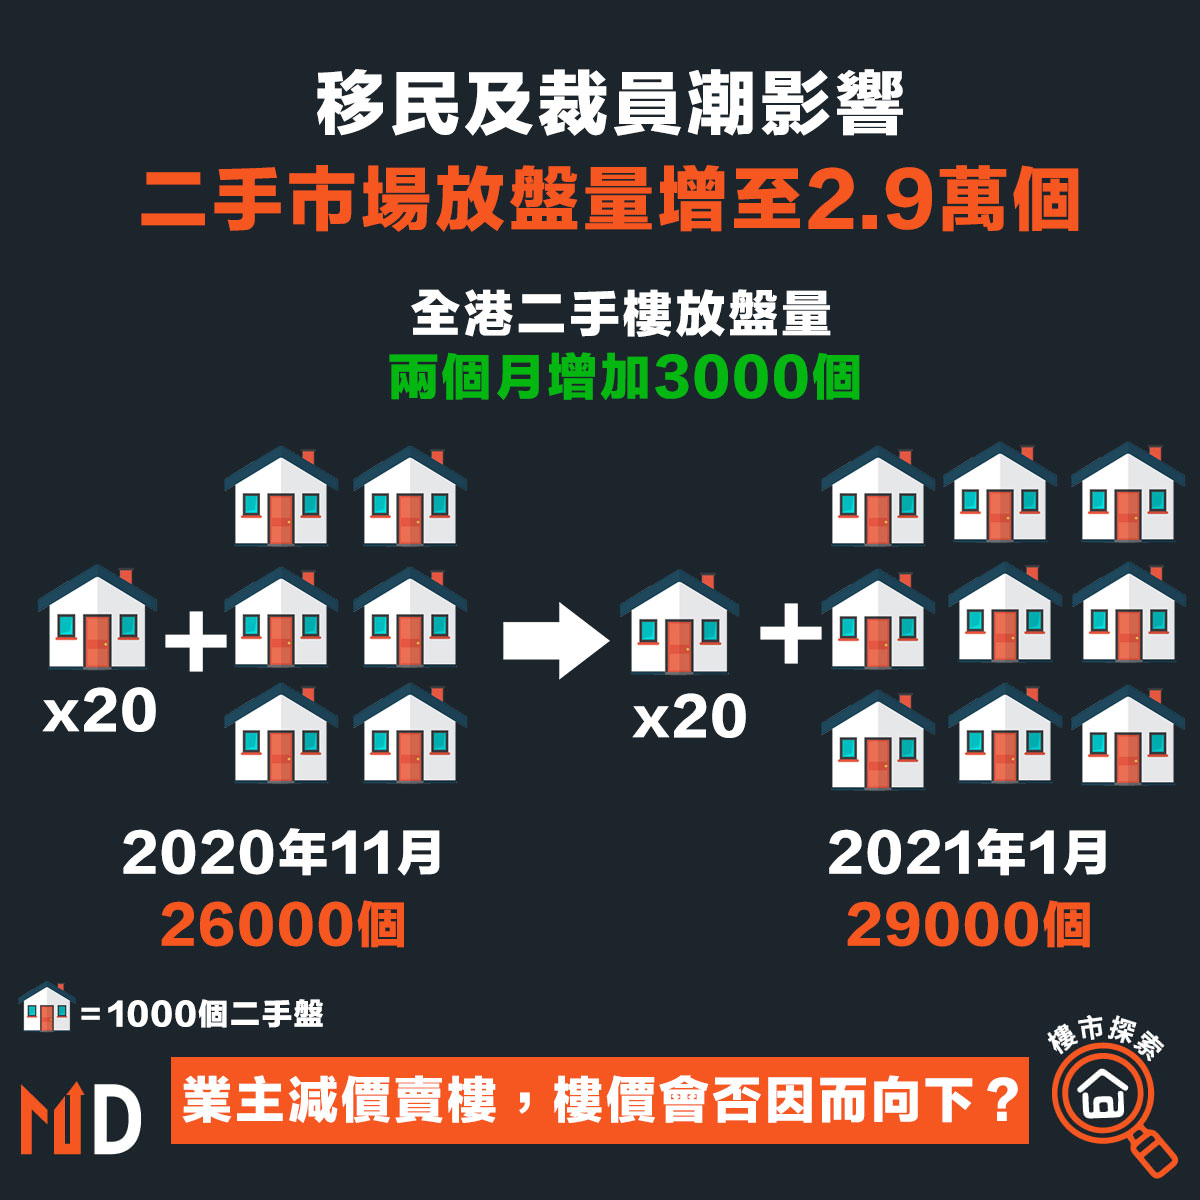 移民及裁員潮影響,二手市場放盤量增至2.9萬個